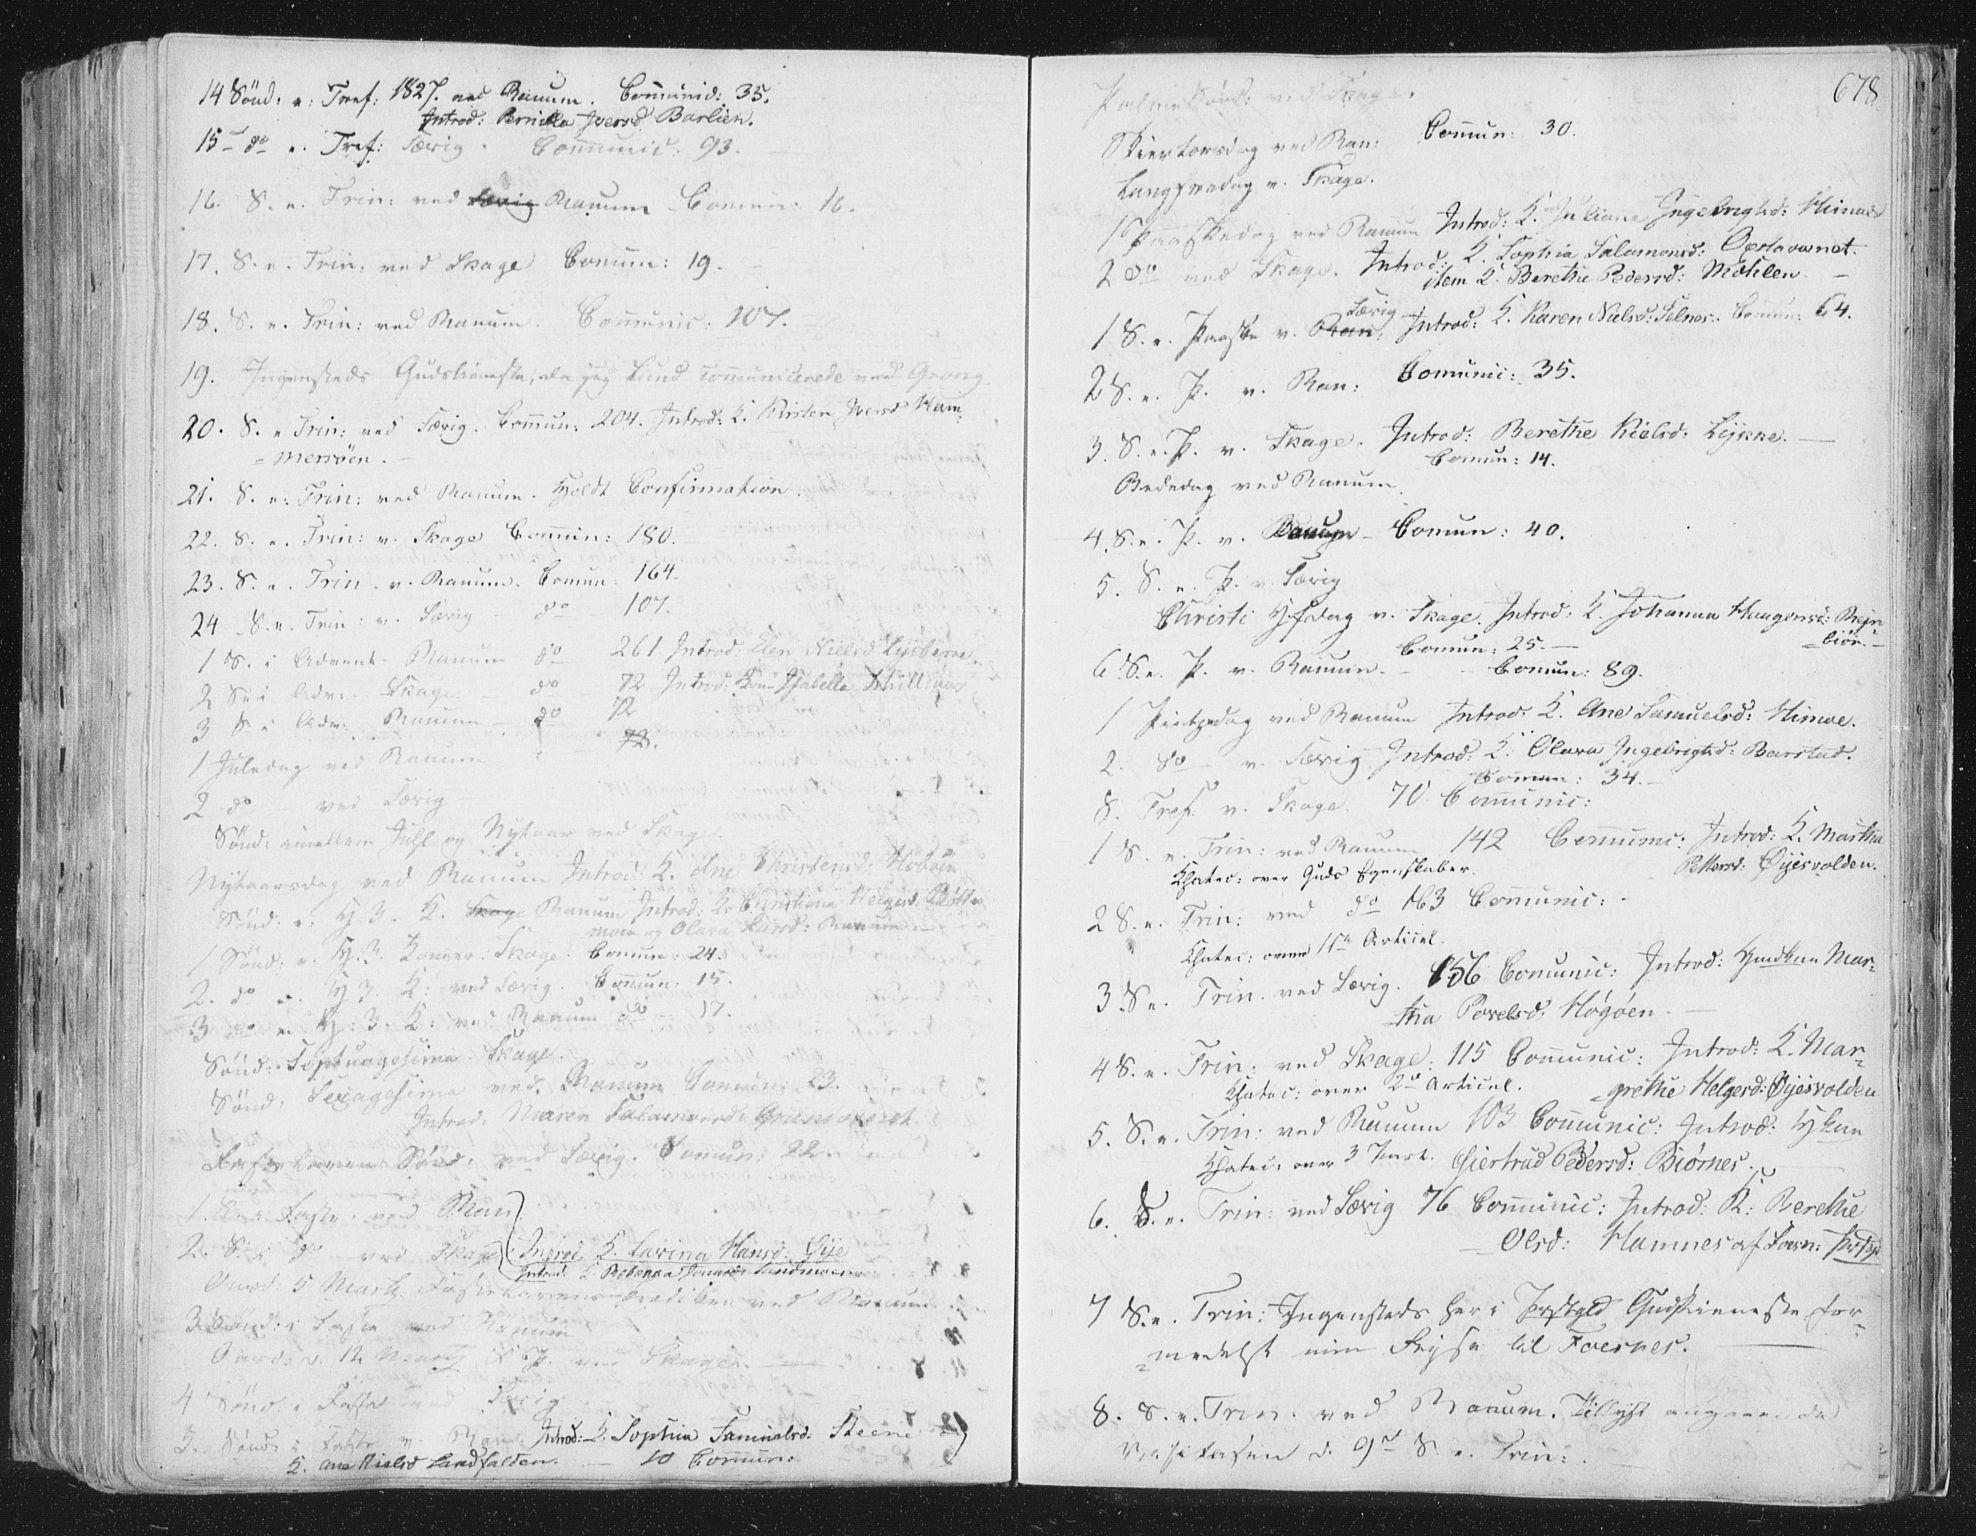 SAT, Ministerialprotokoller, klokkerbøker og fødselsregistre - Nord-Trøndelag, 764/L0552: Ministerialbok nr. 764A07b, 1824-1865, s. 678